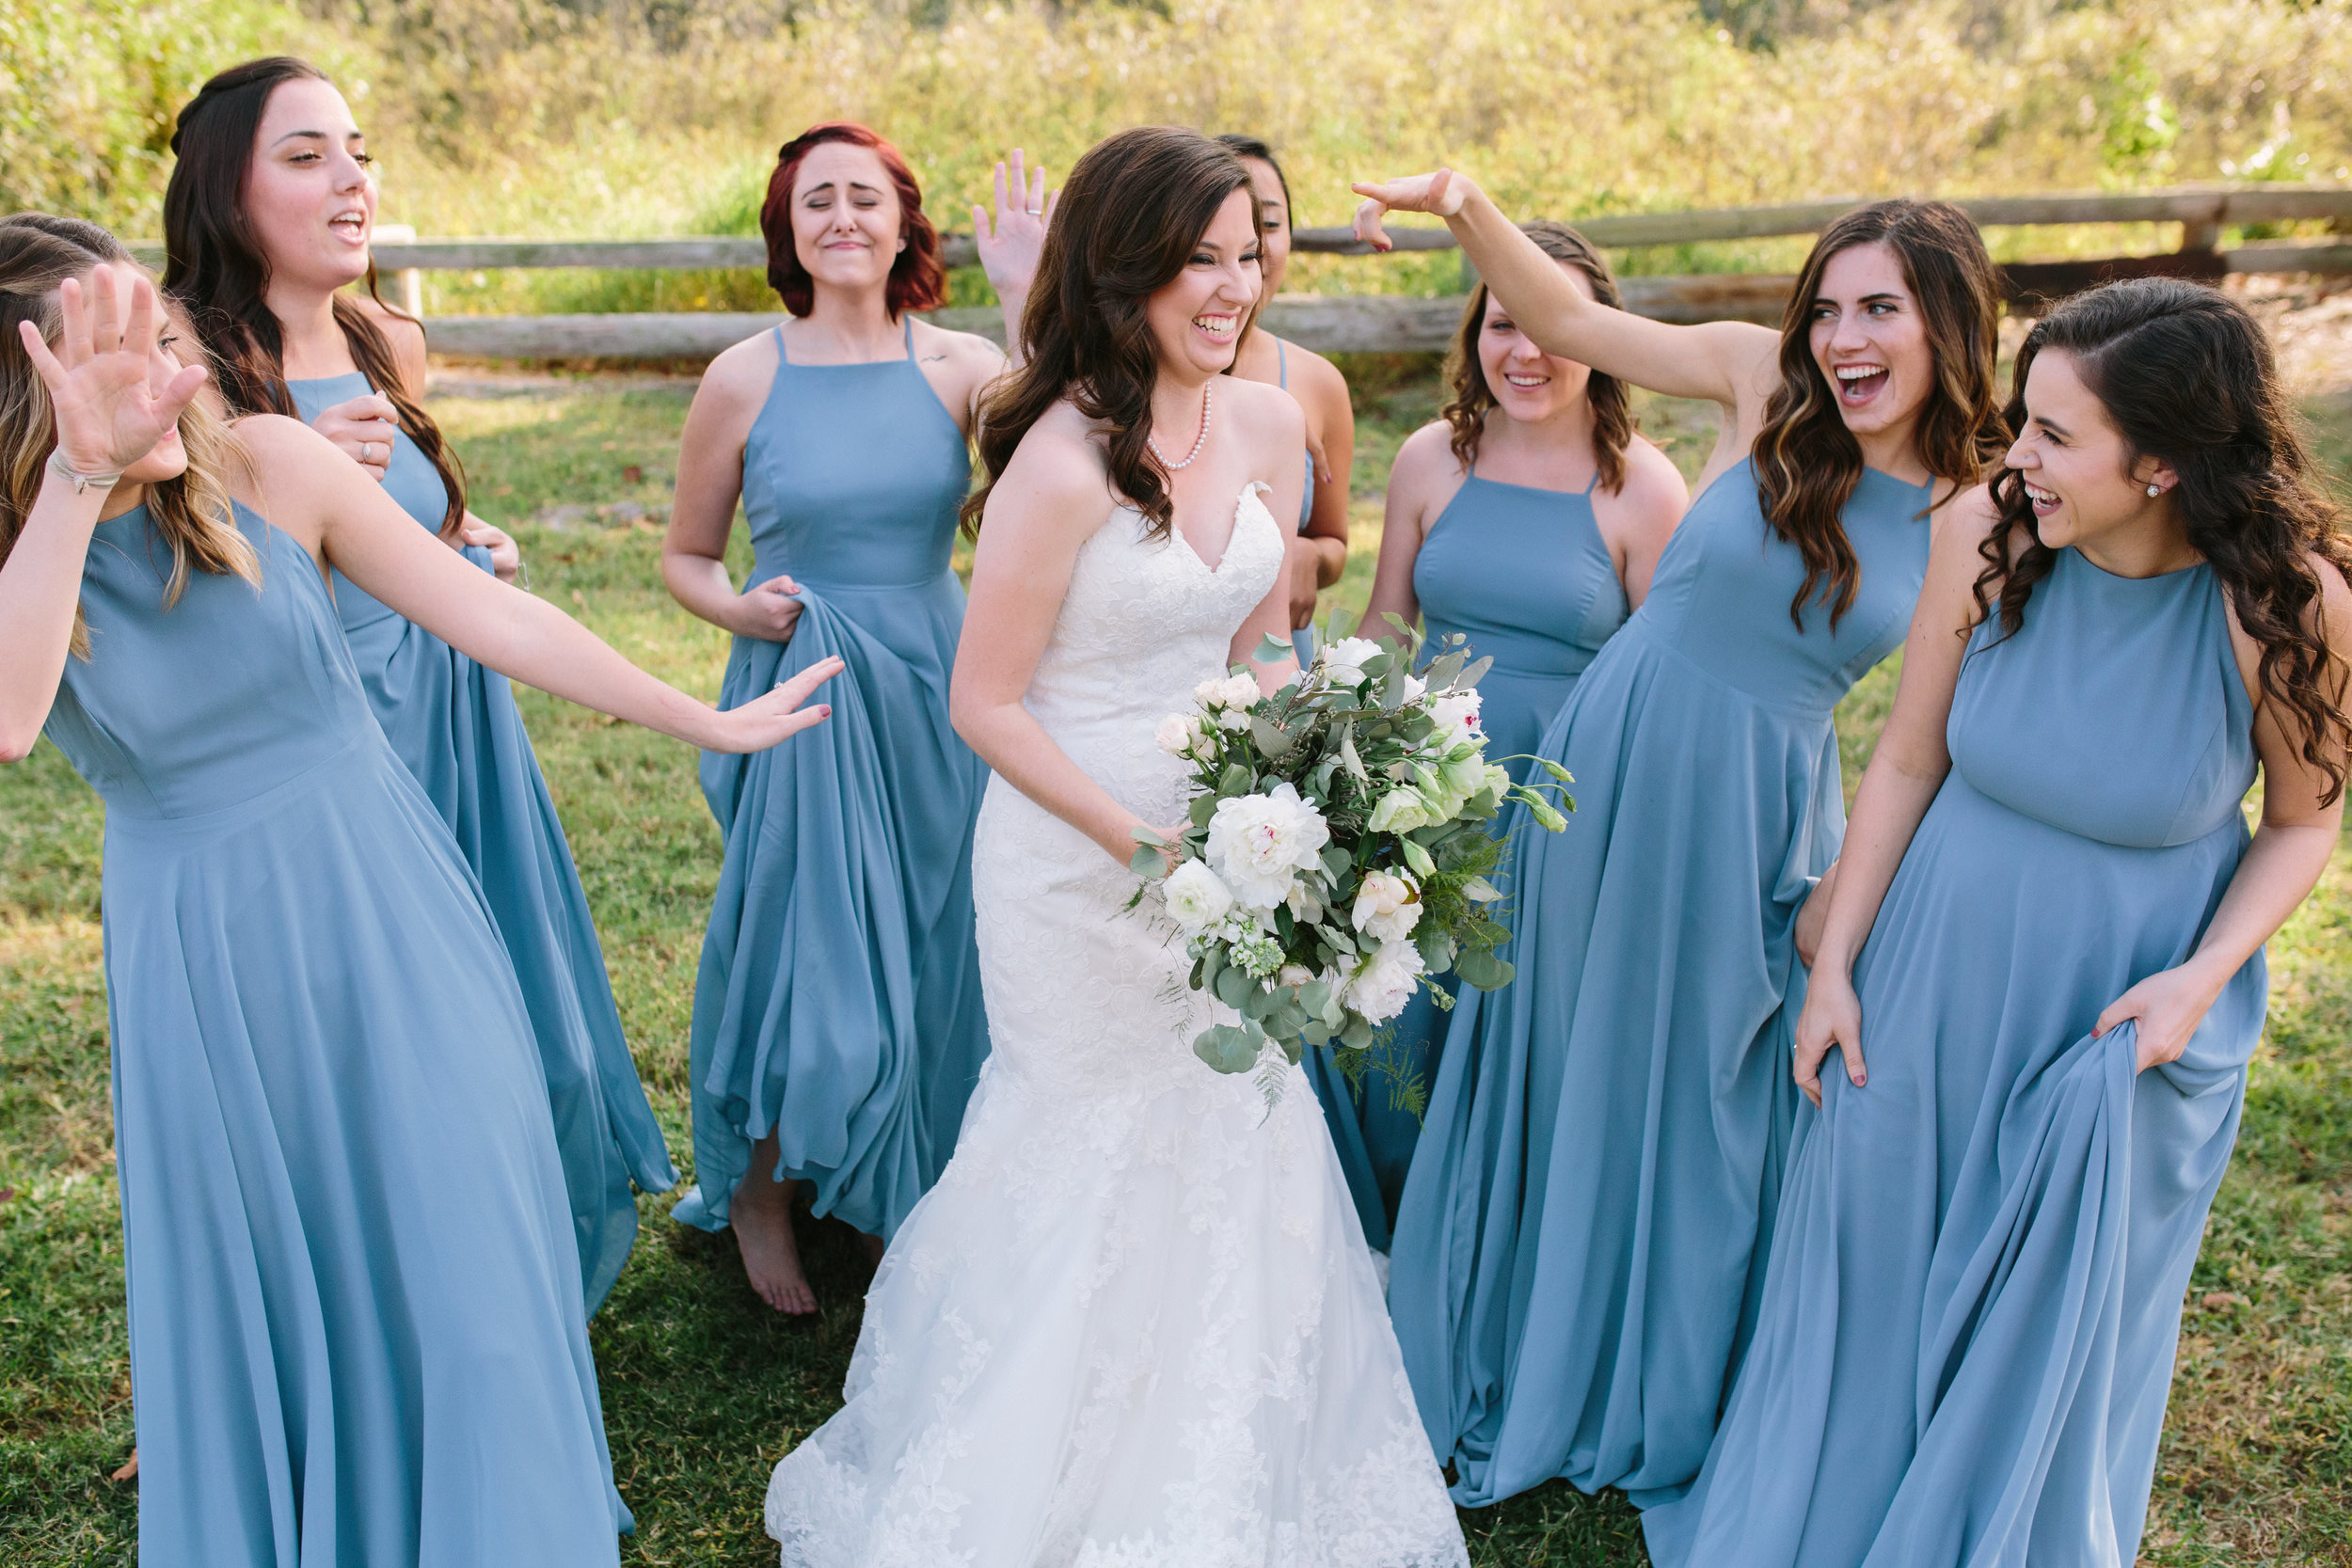 Bridesmaids   Florida Rustic Barn Weddings   Plant City, Florida Wedding Photography   Benjamin Hewitt Photographer